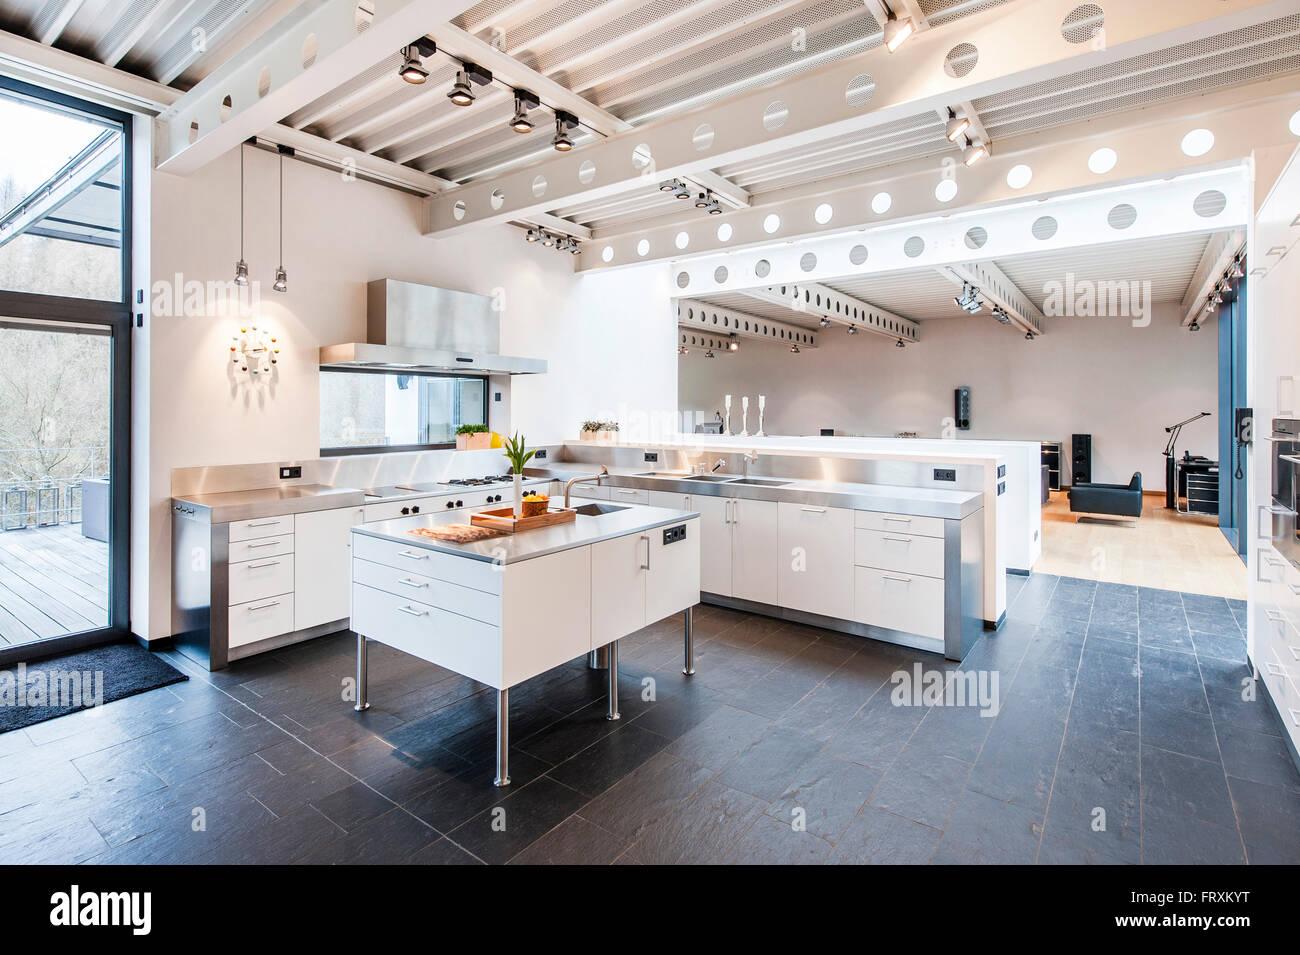 Offene Küche im Inneren einer Bauhaus-Villa, Sauerland ...